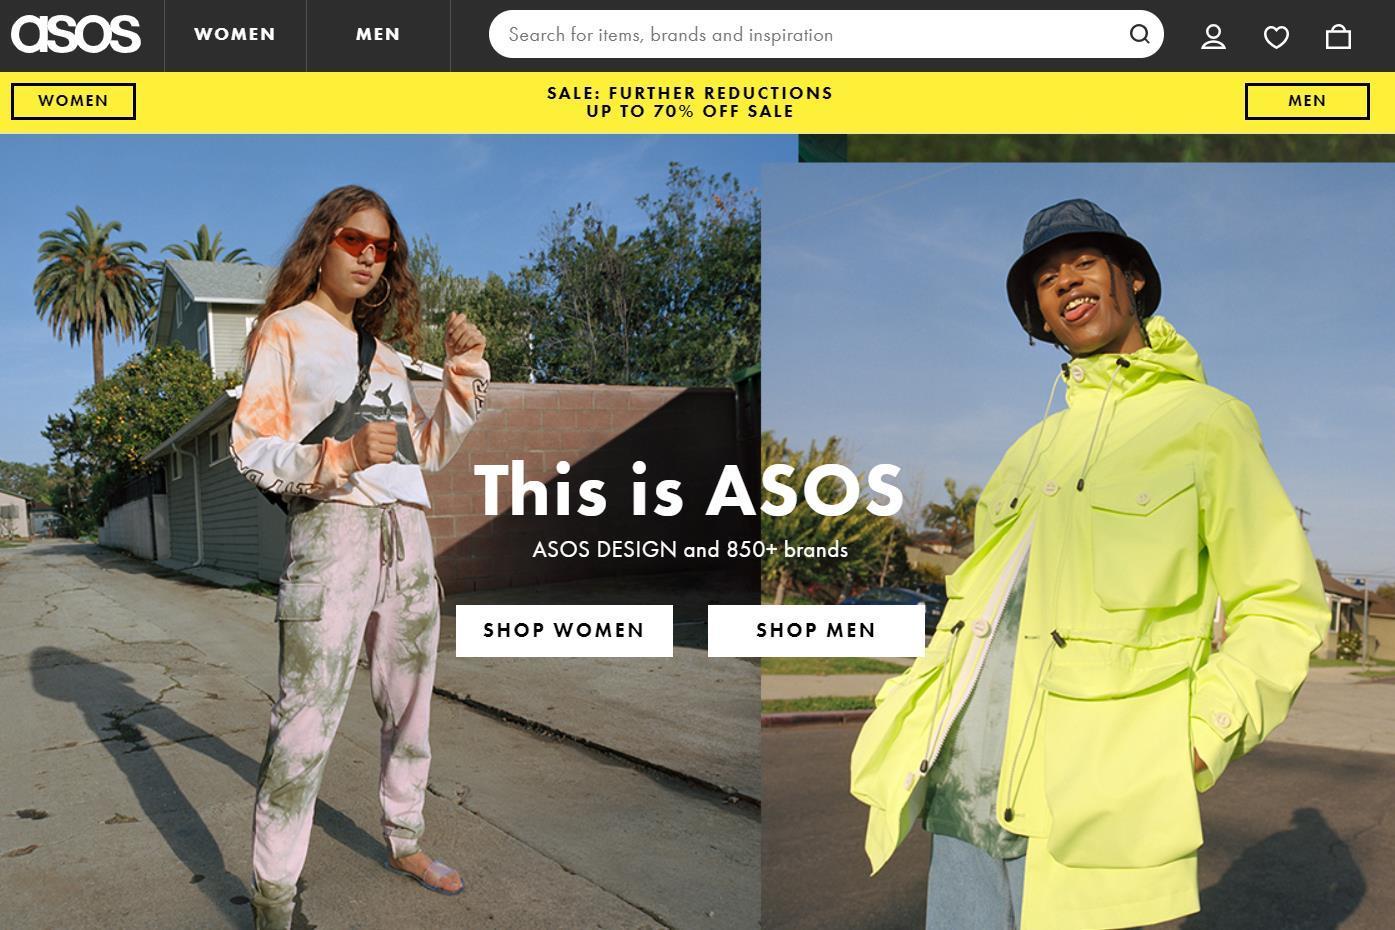 英国时尚电商 ASOS 发布2019财报:净销售额同比增长13%,股价大涨30%以上